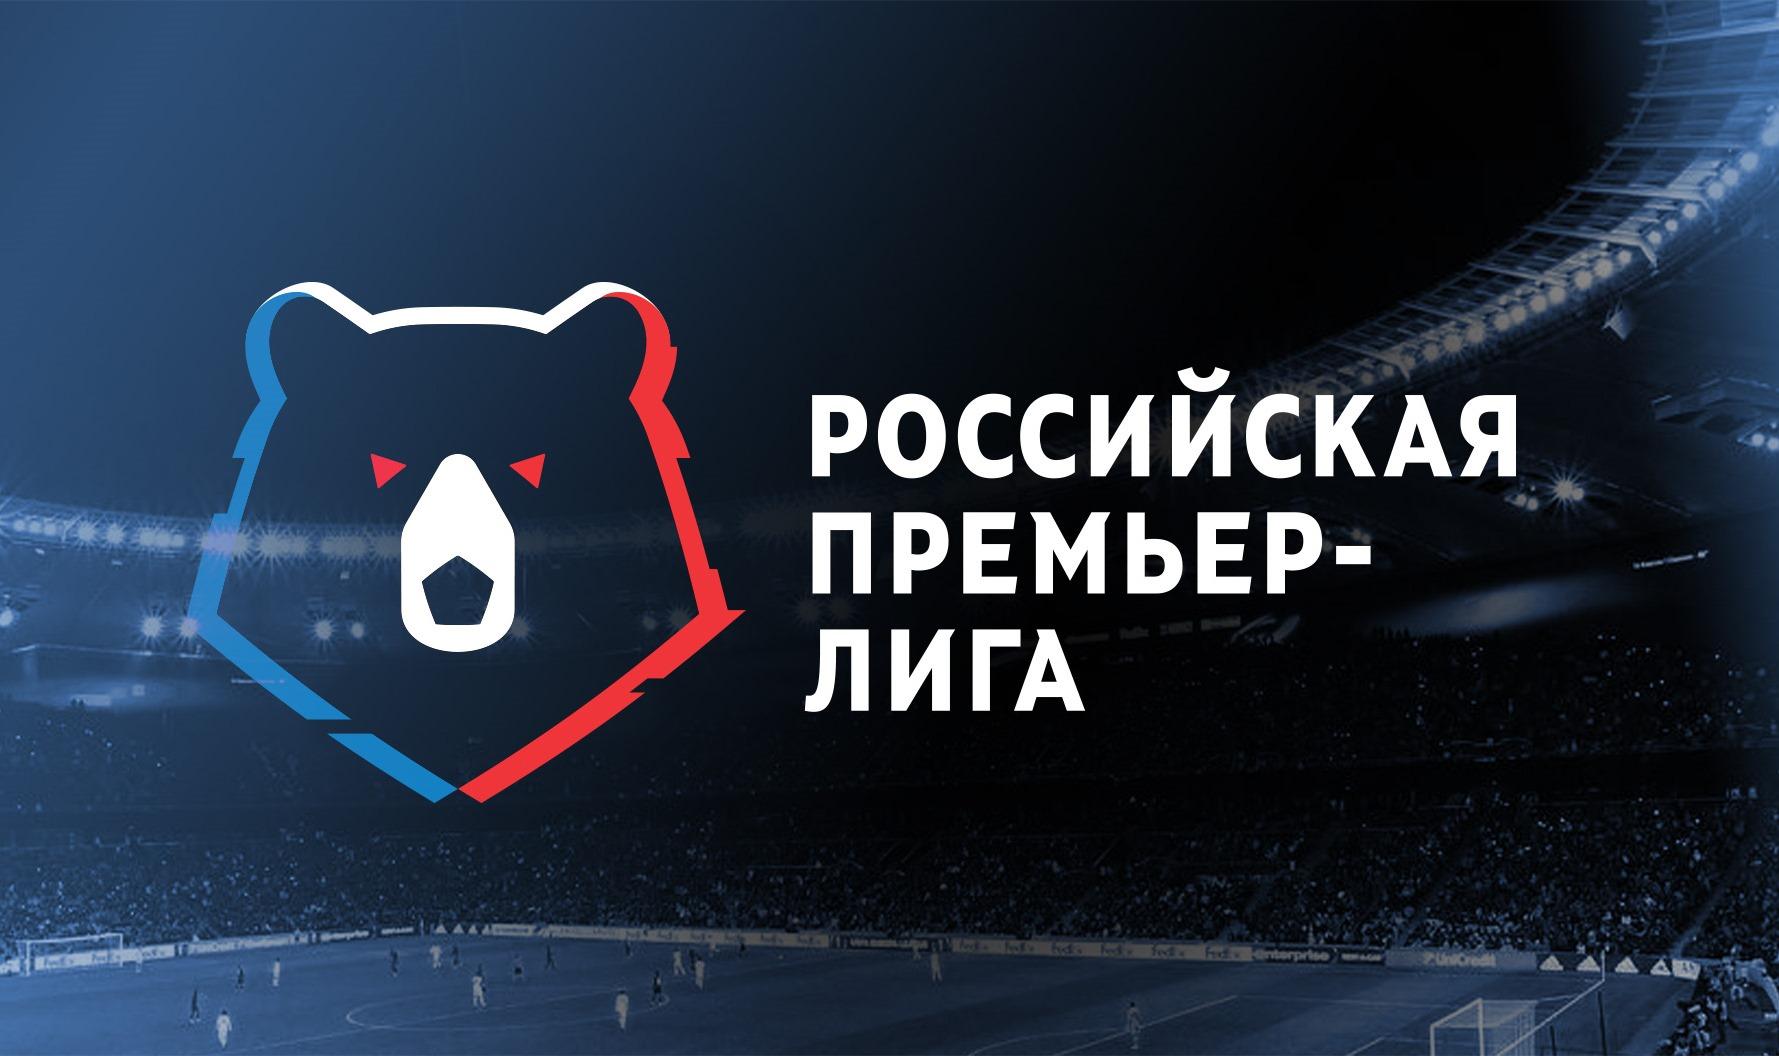 Premier League 2018 19 Live: Russian Premier League Tickets 2018/19 Season